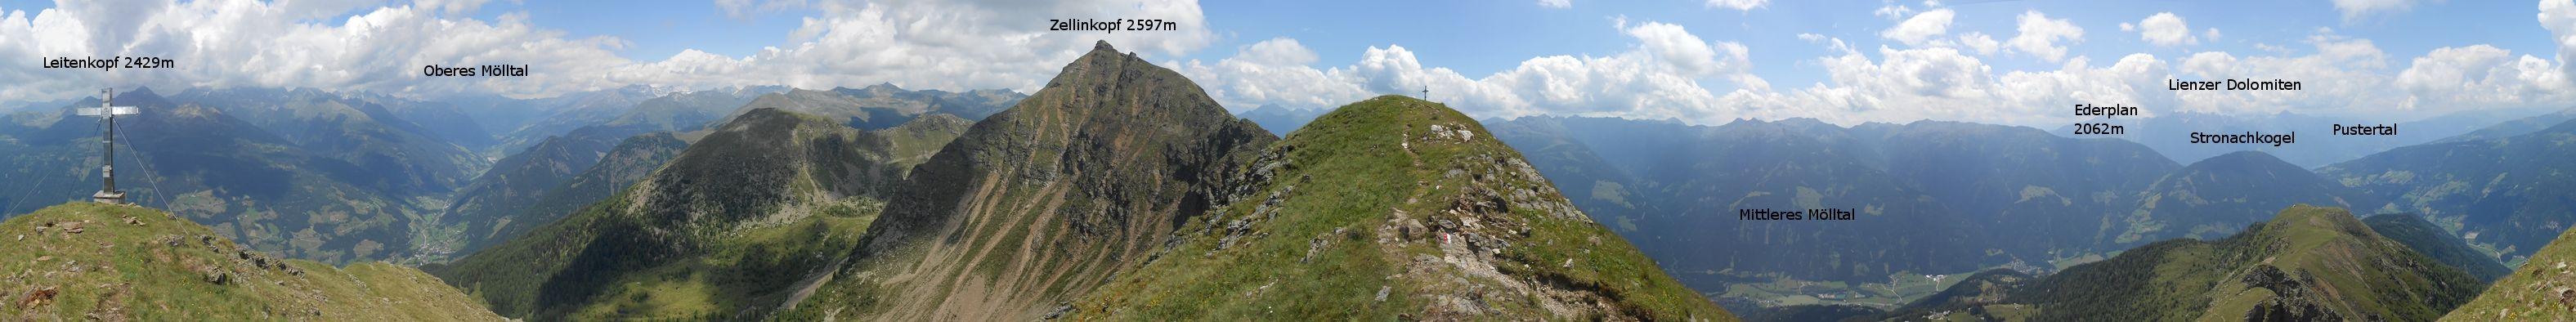 Panorama_Leitenkopf